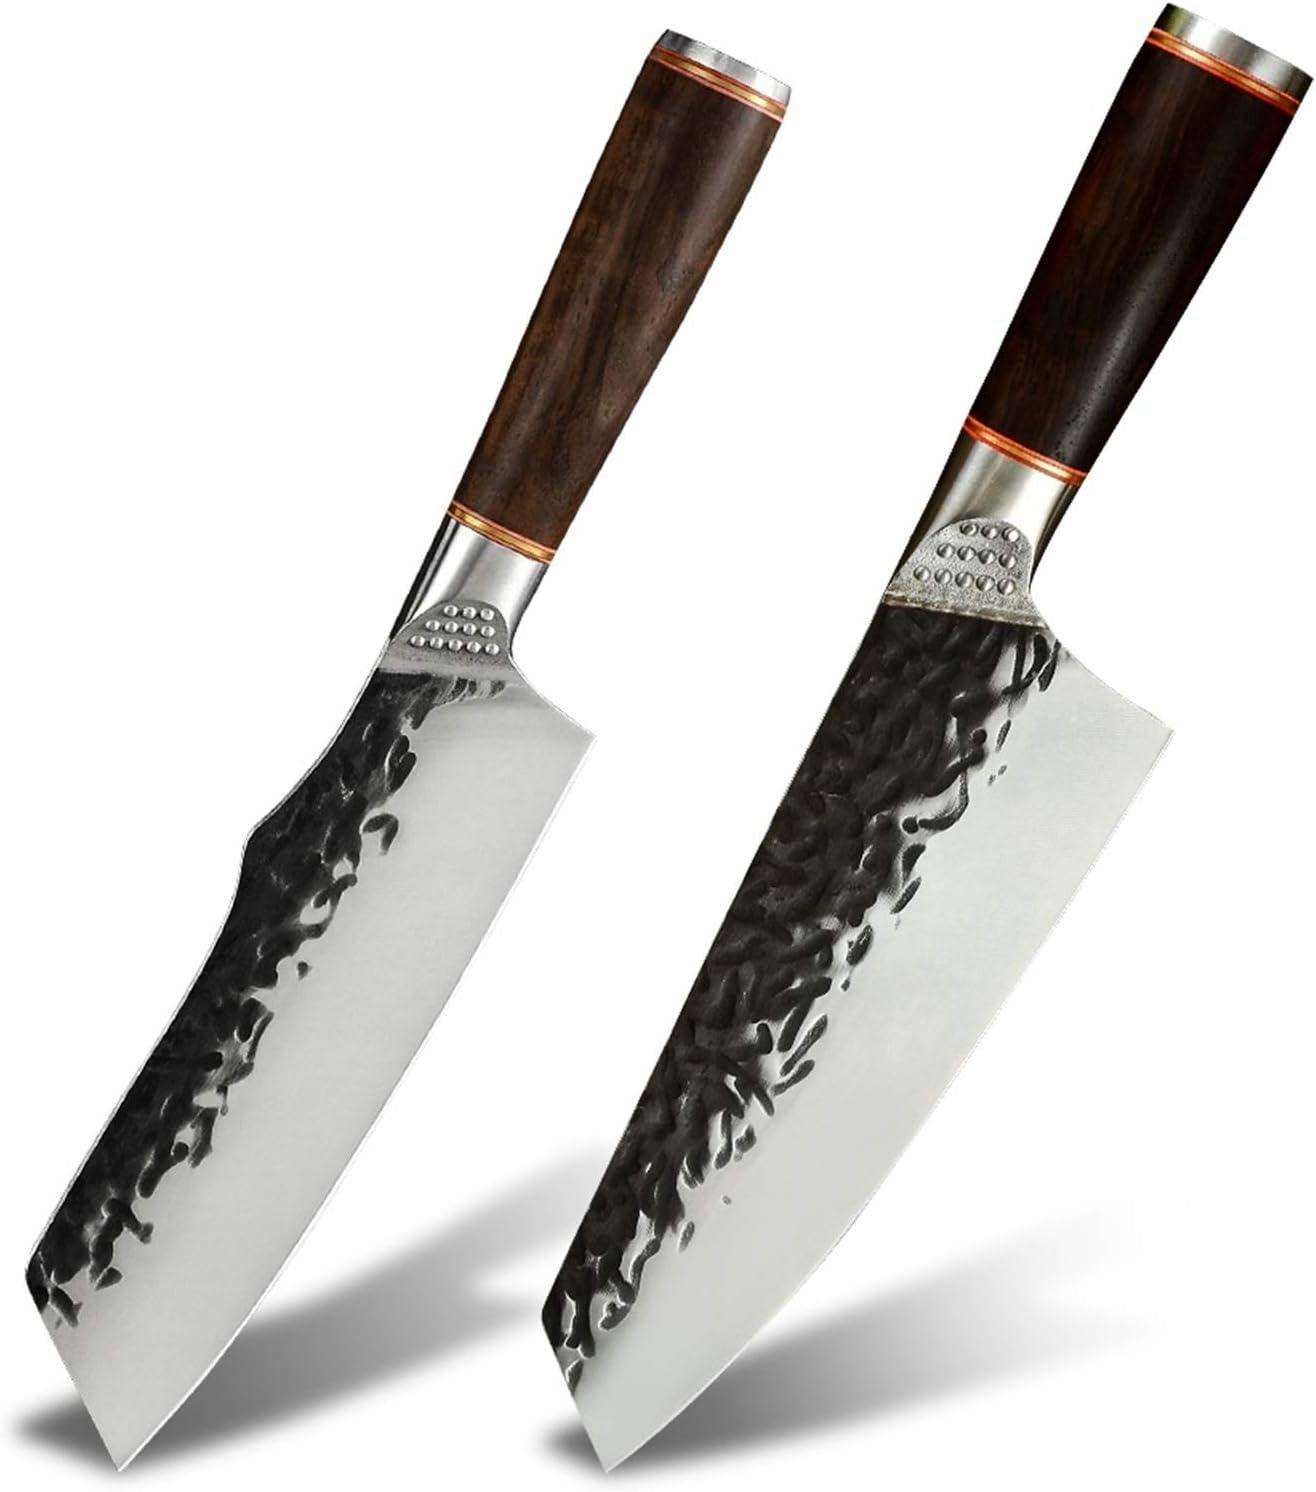 Cuchillo de cocina Hammer Ejercicio Cuchillo de cocina Rebanadas de alta calidad 5CR15 Molibdeum Vanadio Acero Herramienta de cocina Para el chef (Color : 6.5inch)